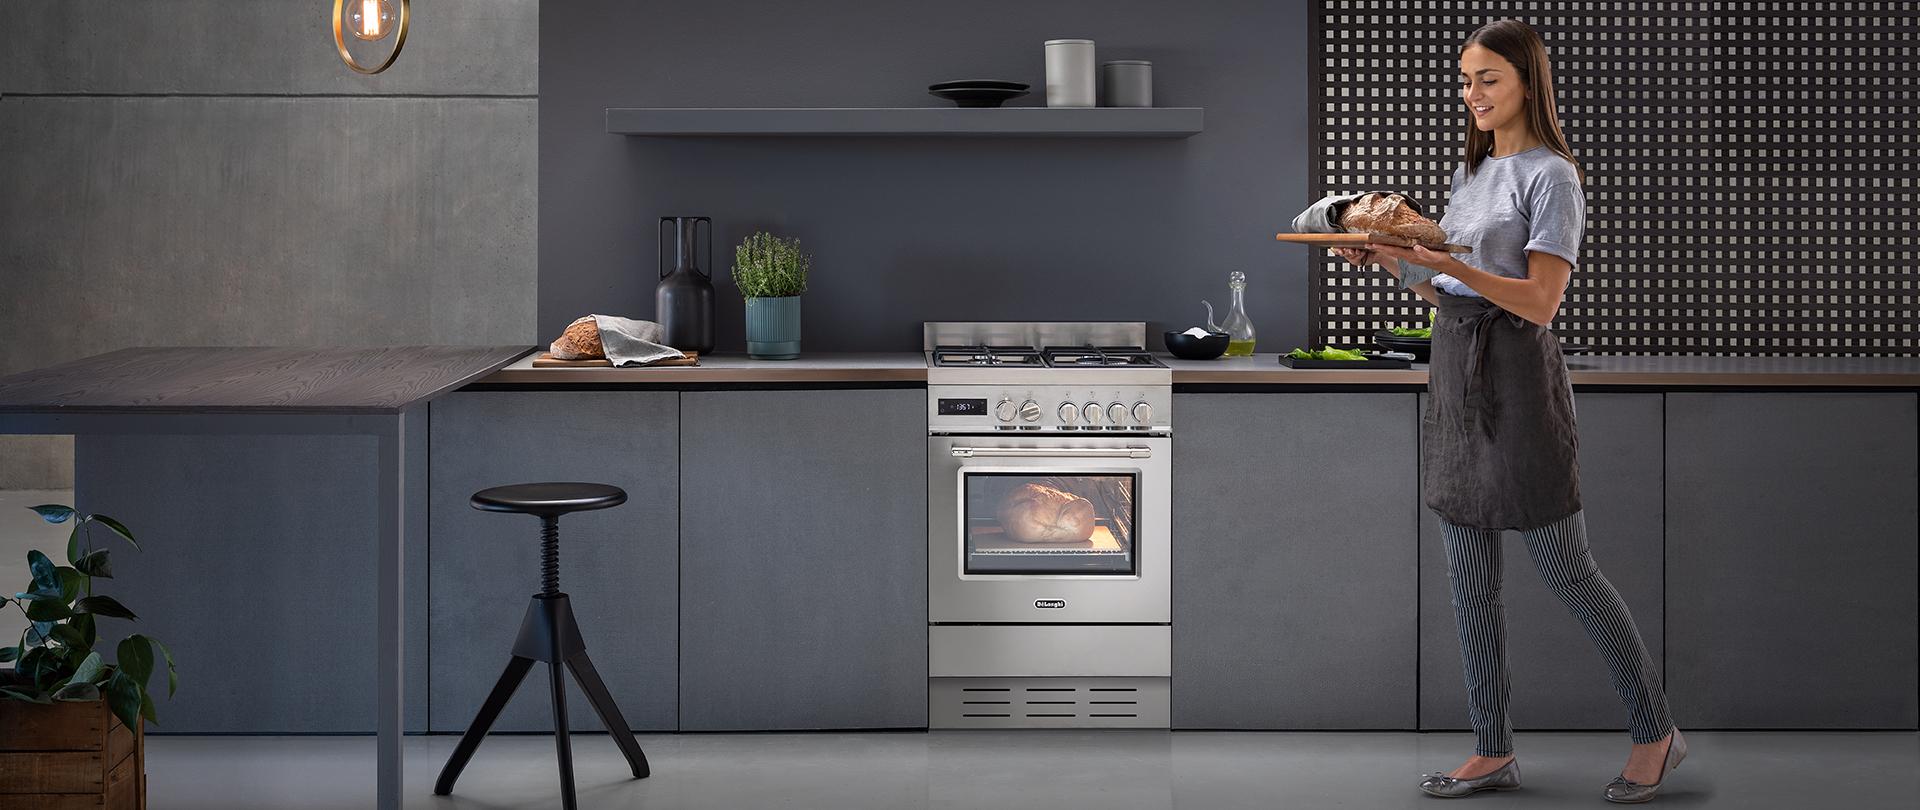 Nuova cucina freestanding De'Longhi PRO 66 MX P